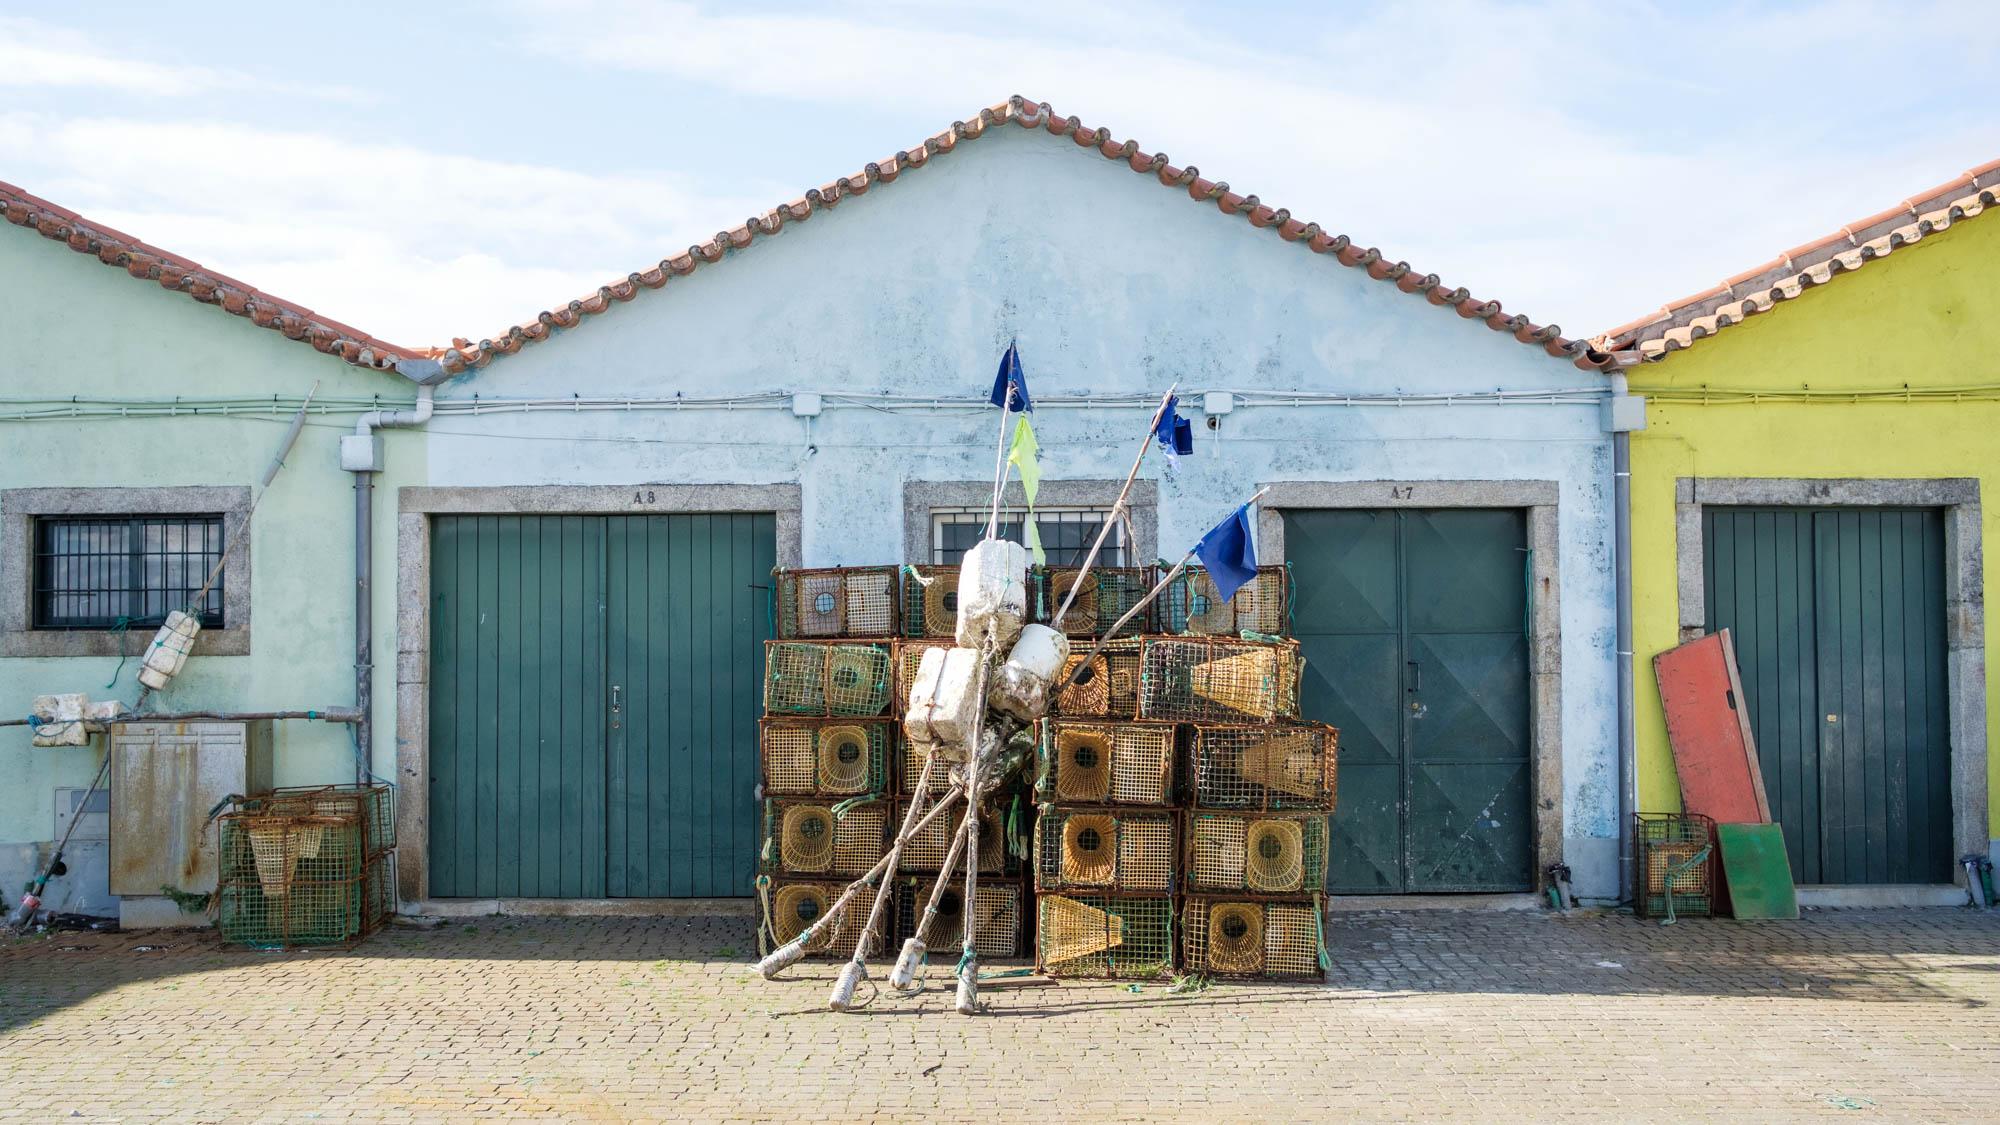 Fischerschuppen Viana do Castelo